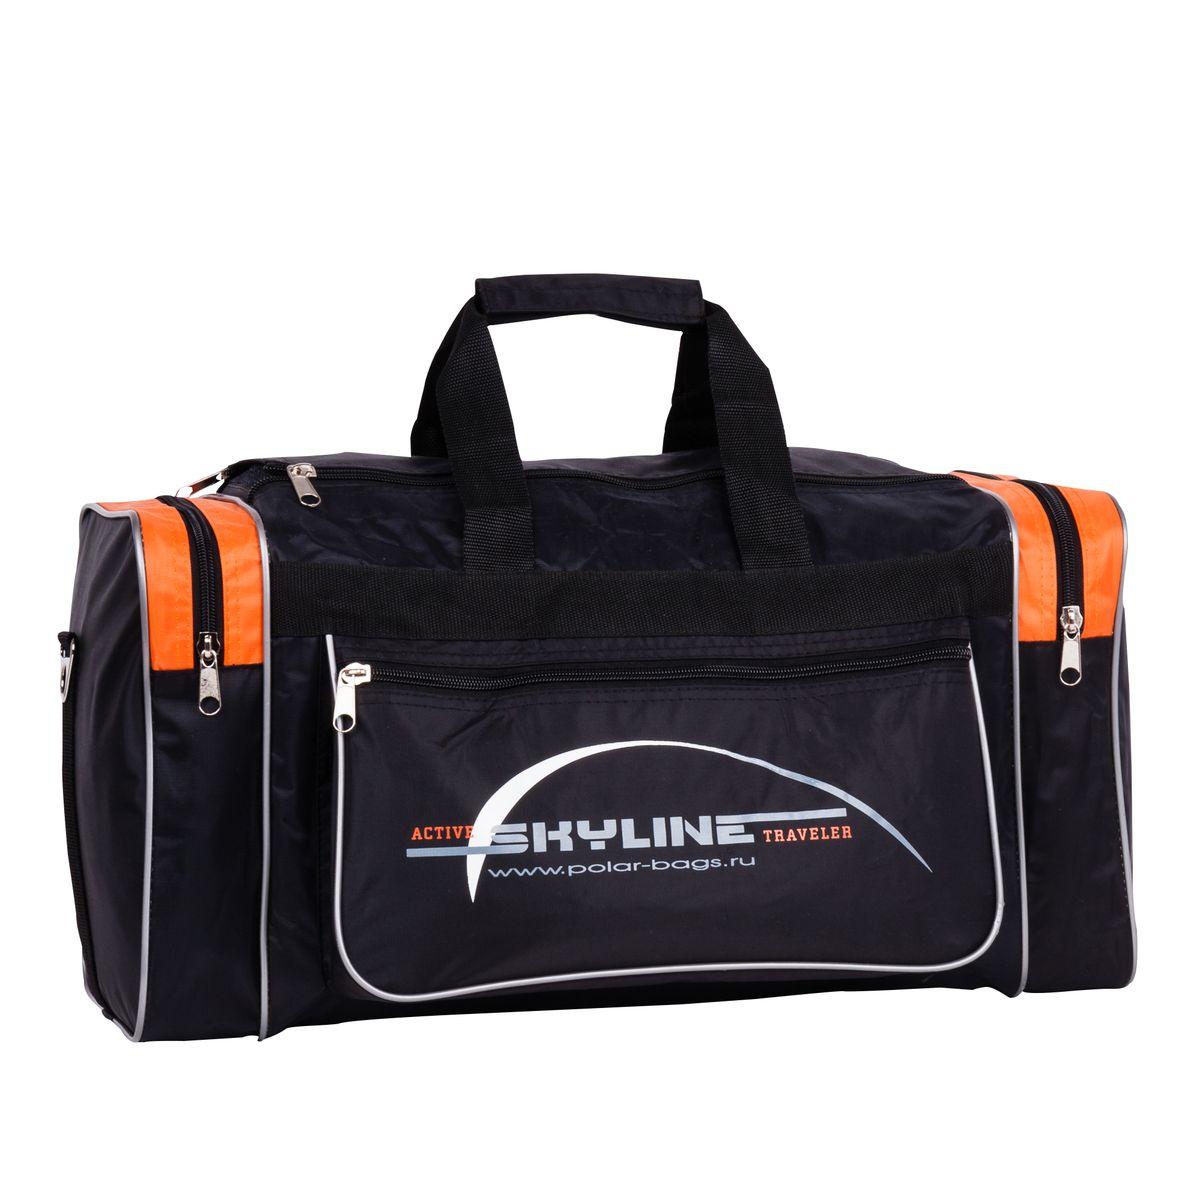 Сумка спортивная Polar, цвет: черный, оранжевый, 30,5 л. 60076007_черный, оранжевыйСпортивная сумка Polar. Одно основное отделение. Карман на молнии по бокам сумки. Прорезной карман на молнии спереди сумки. Имеется плечевой ремень.